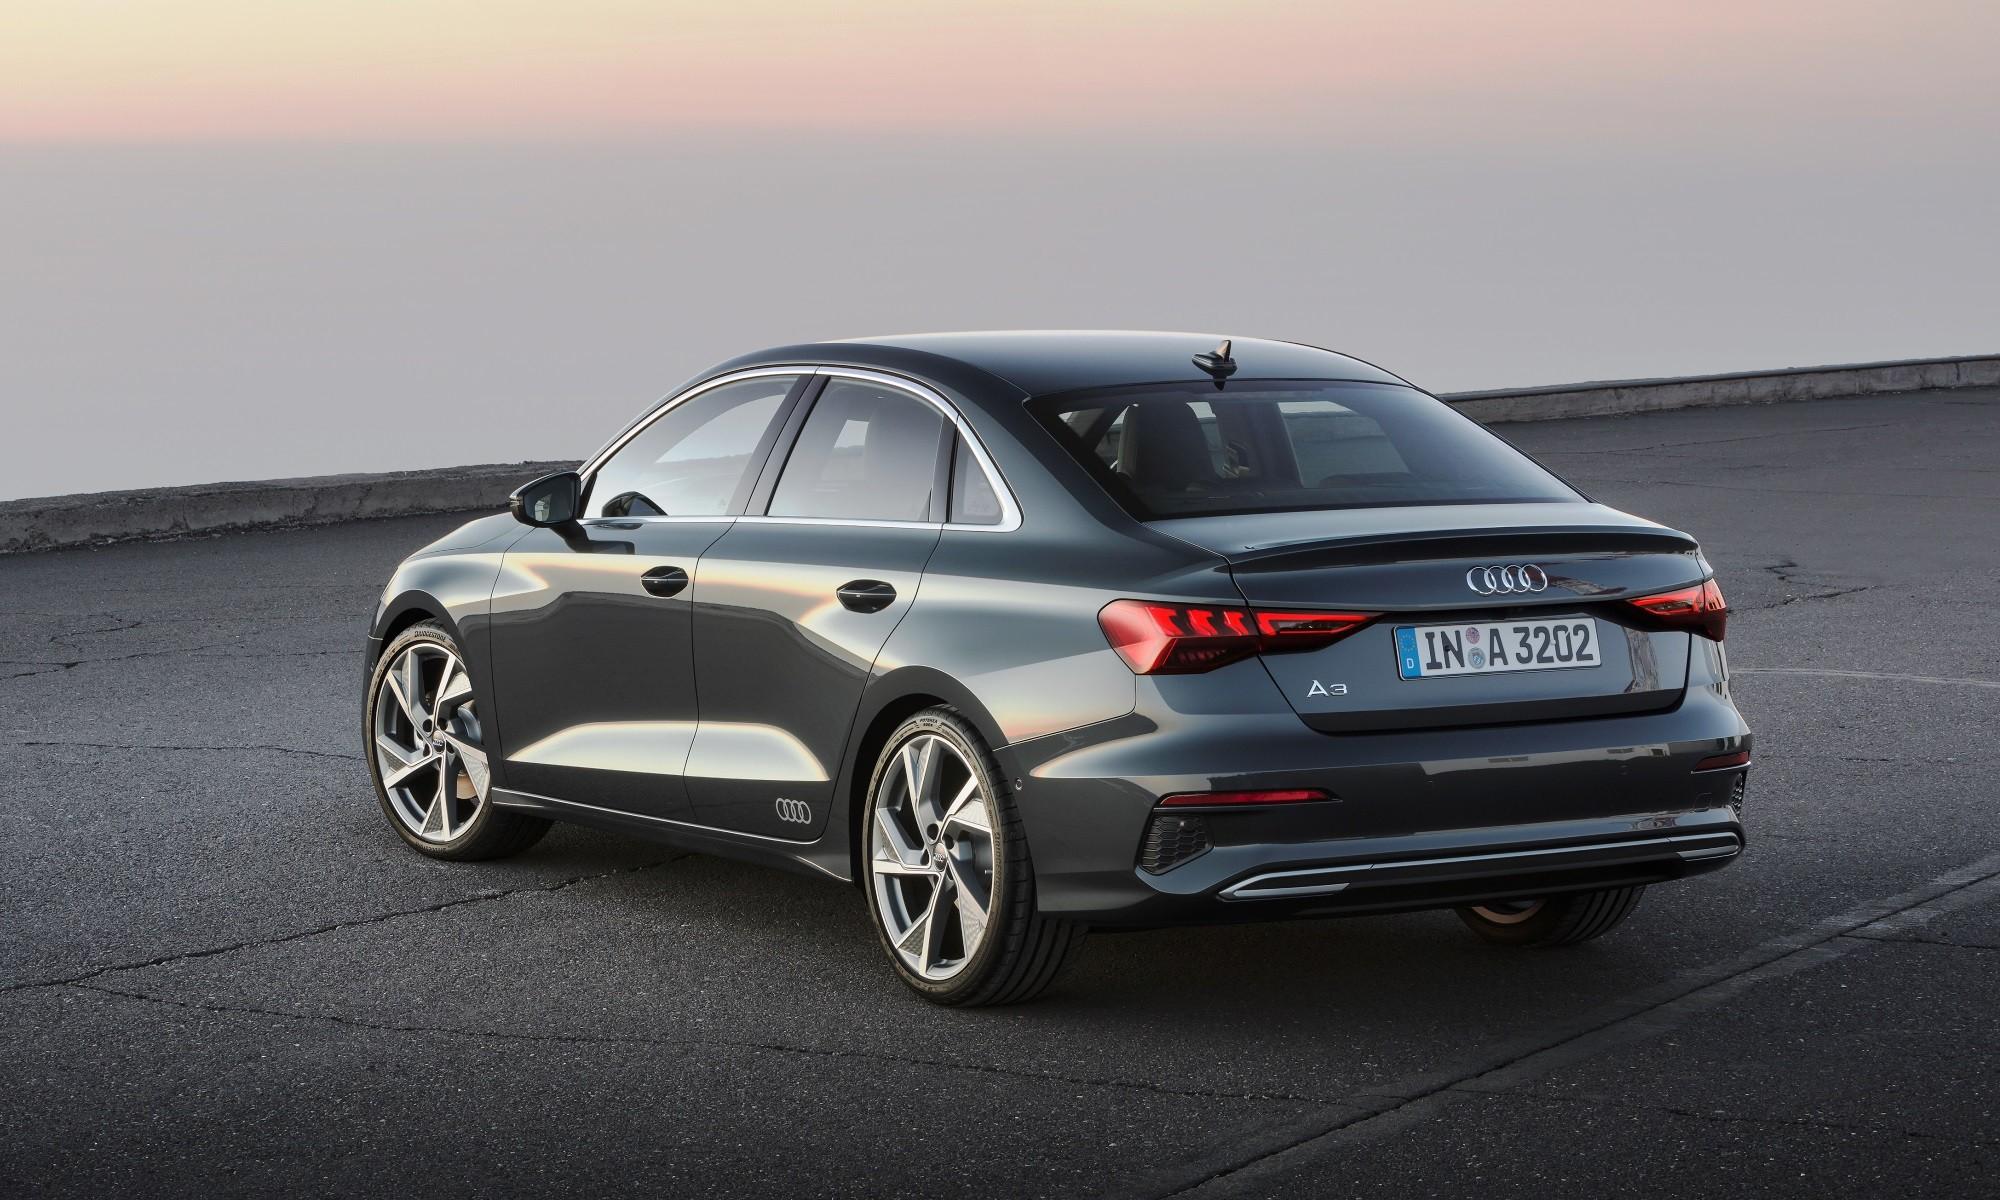 Audi A3 Sedan rear